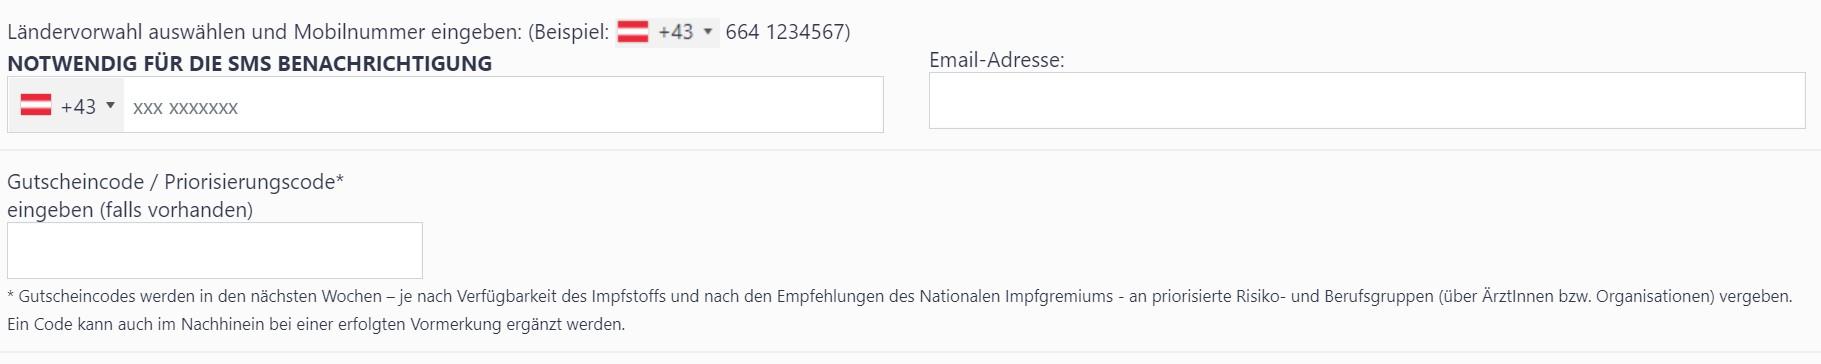 Corona-Schutzimpfungs-Vormerkung in Vorarlberg